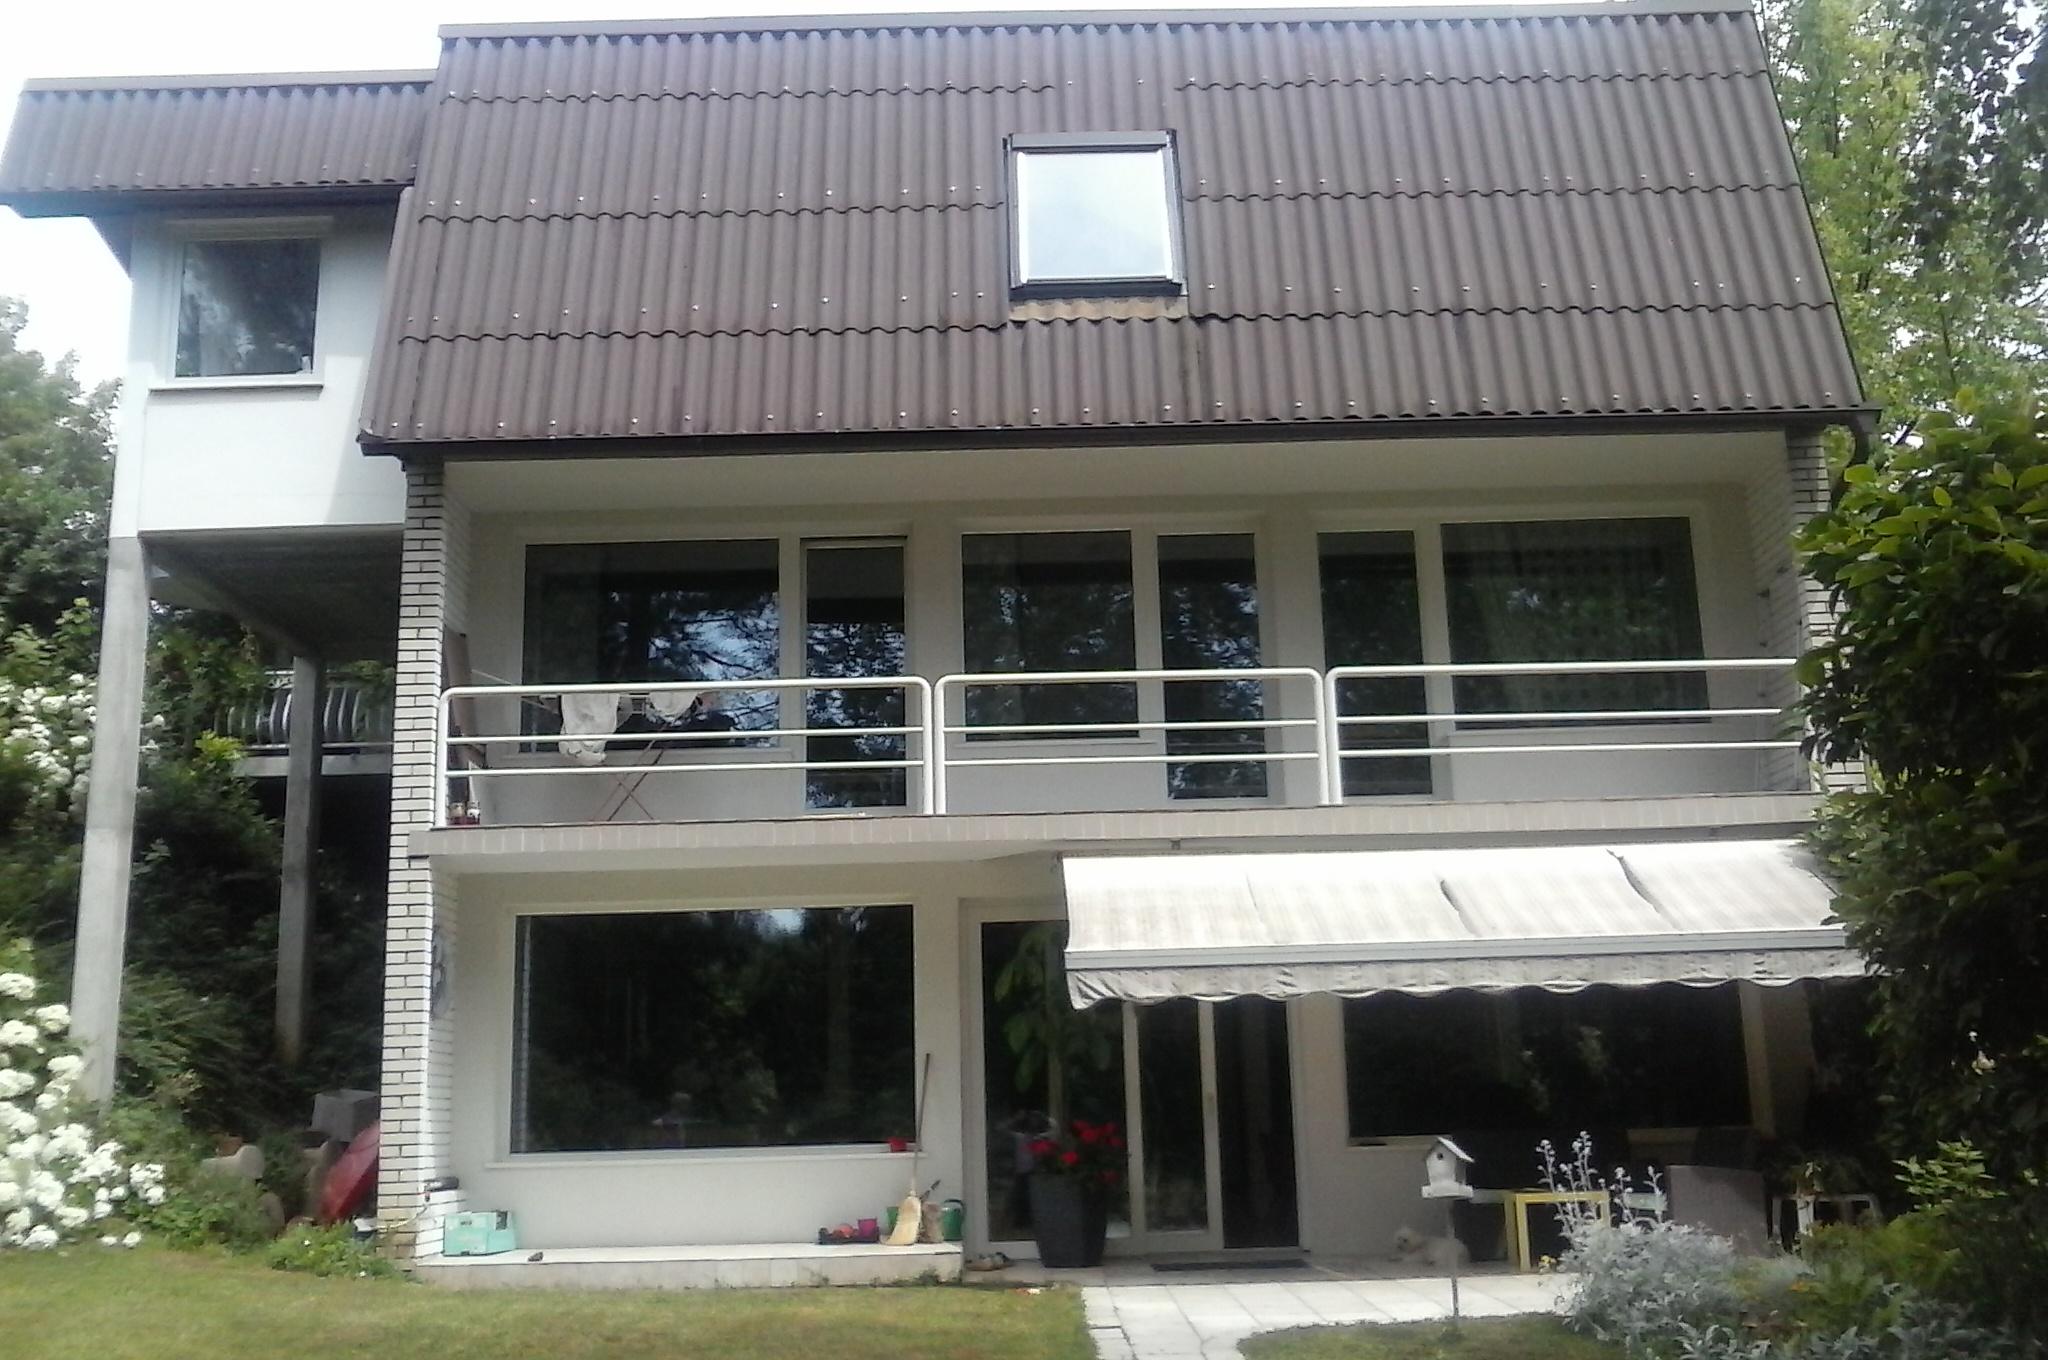 Prodamo stanovanjsko hišo z 2 stanovanjskimi enotami